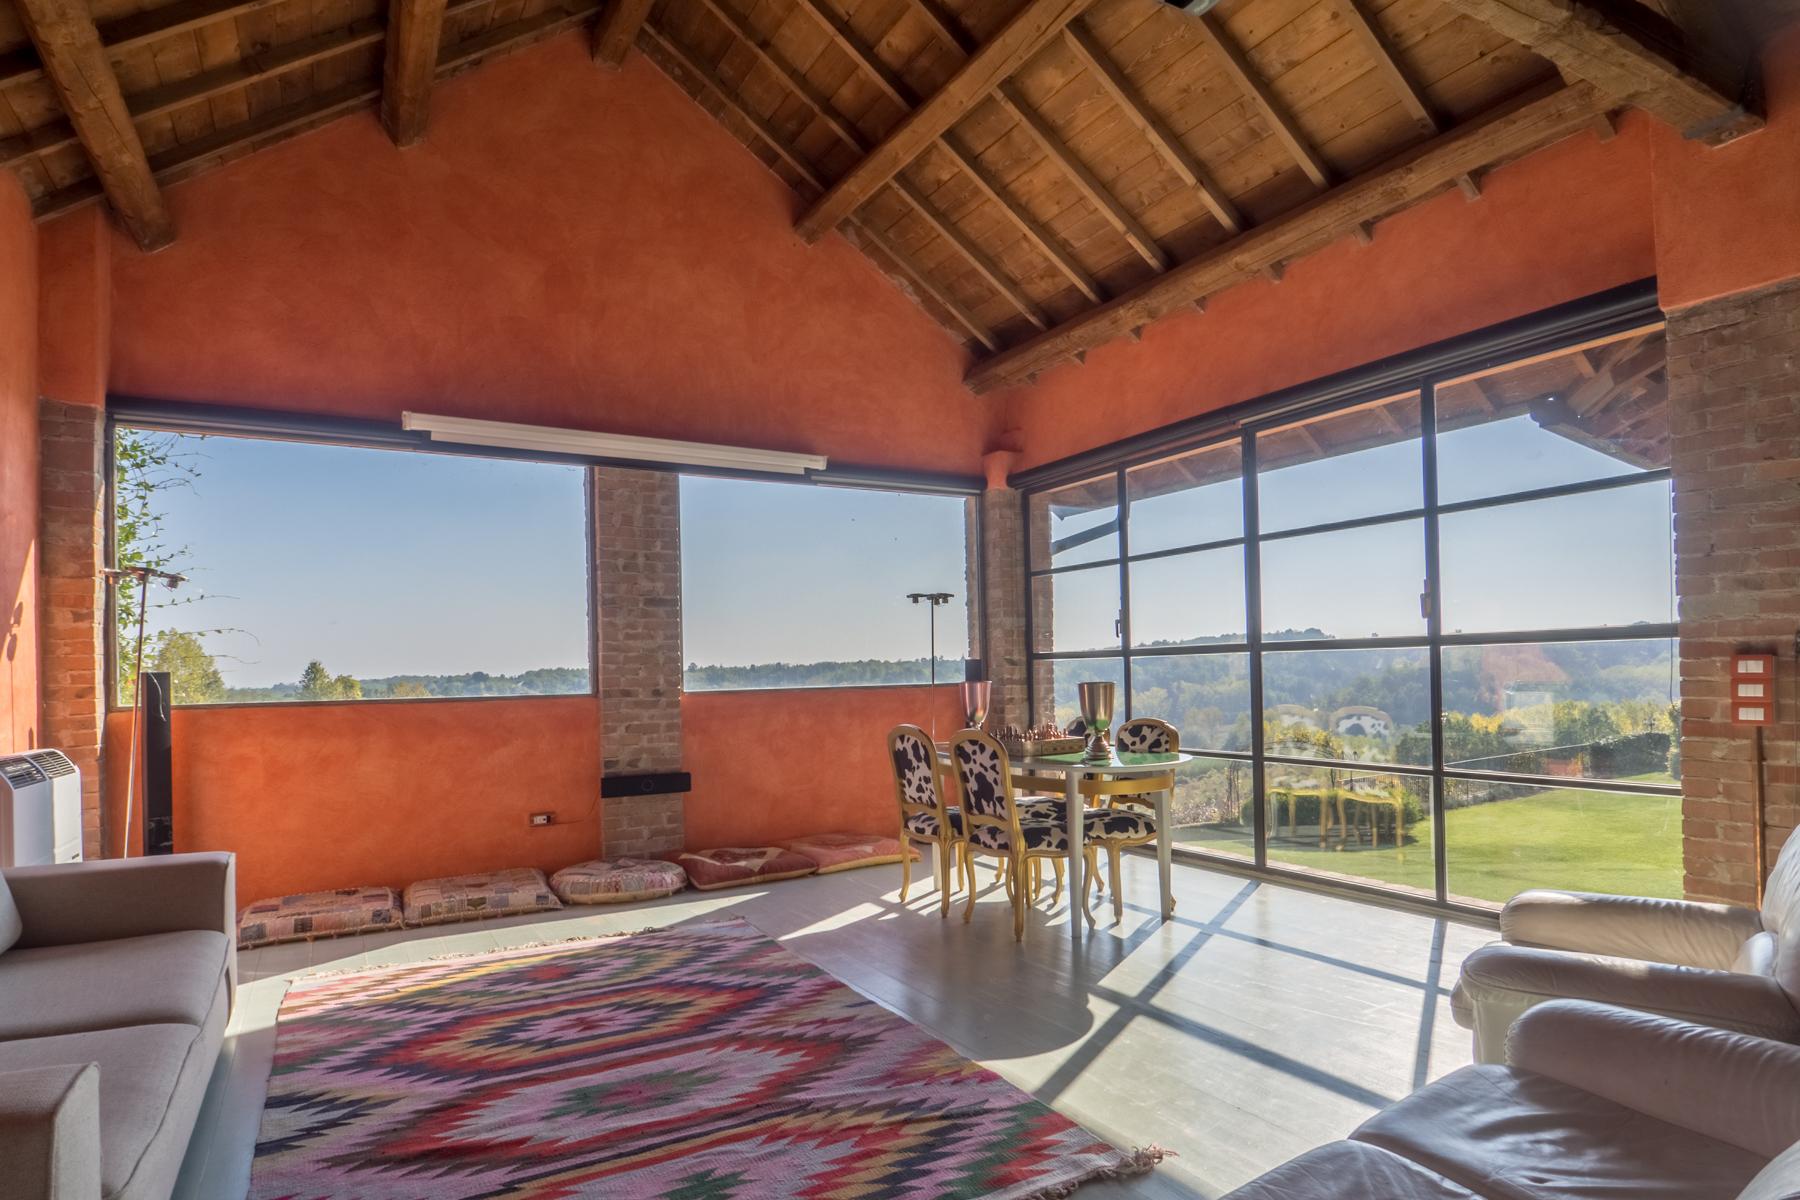 Rustico in Vendita a Montemagno: 5 locali, 2000 mq - Foto 23